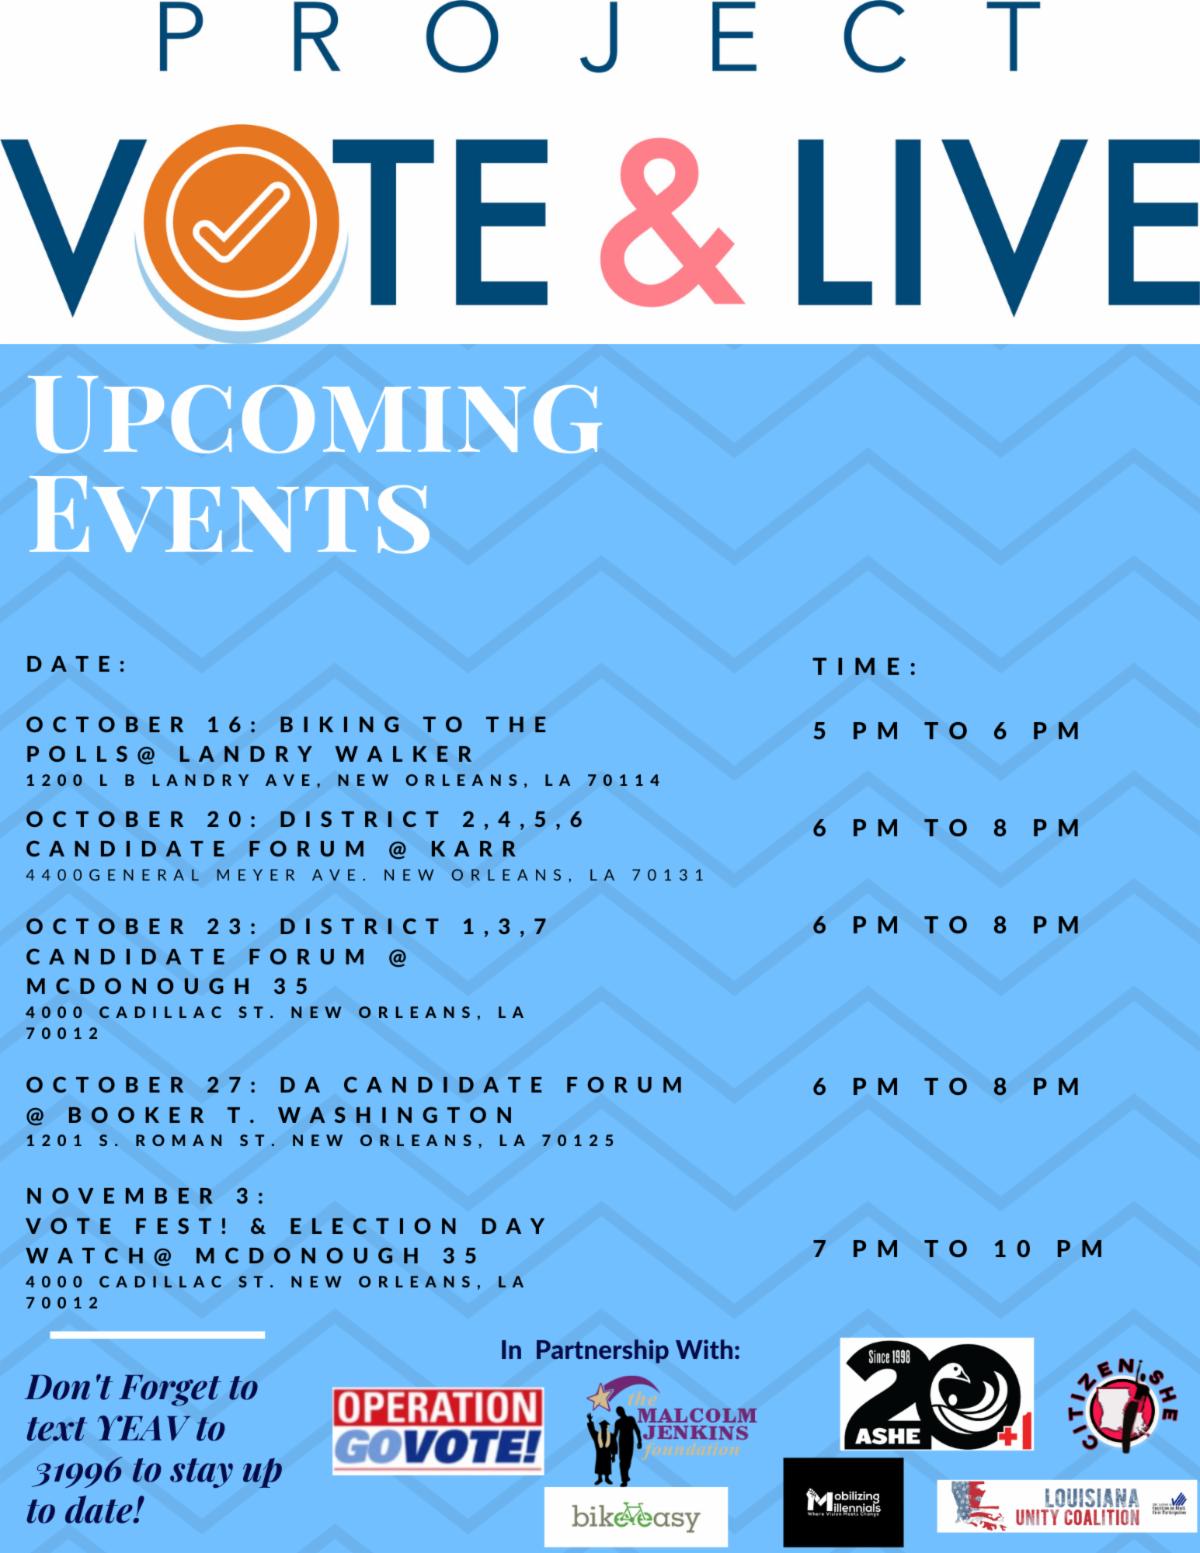 YEVA schedule of events